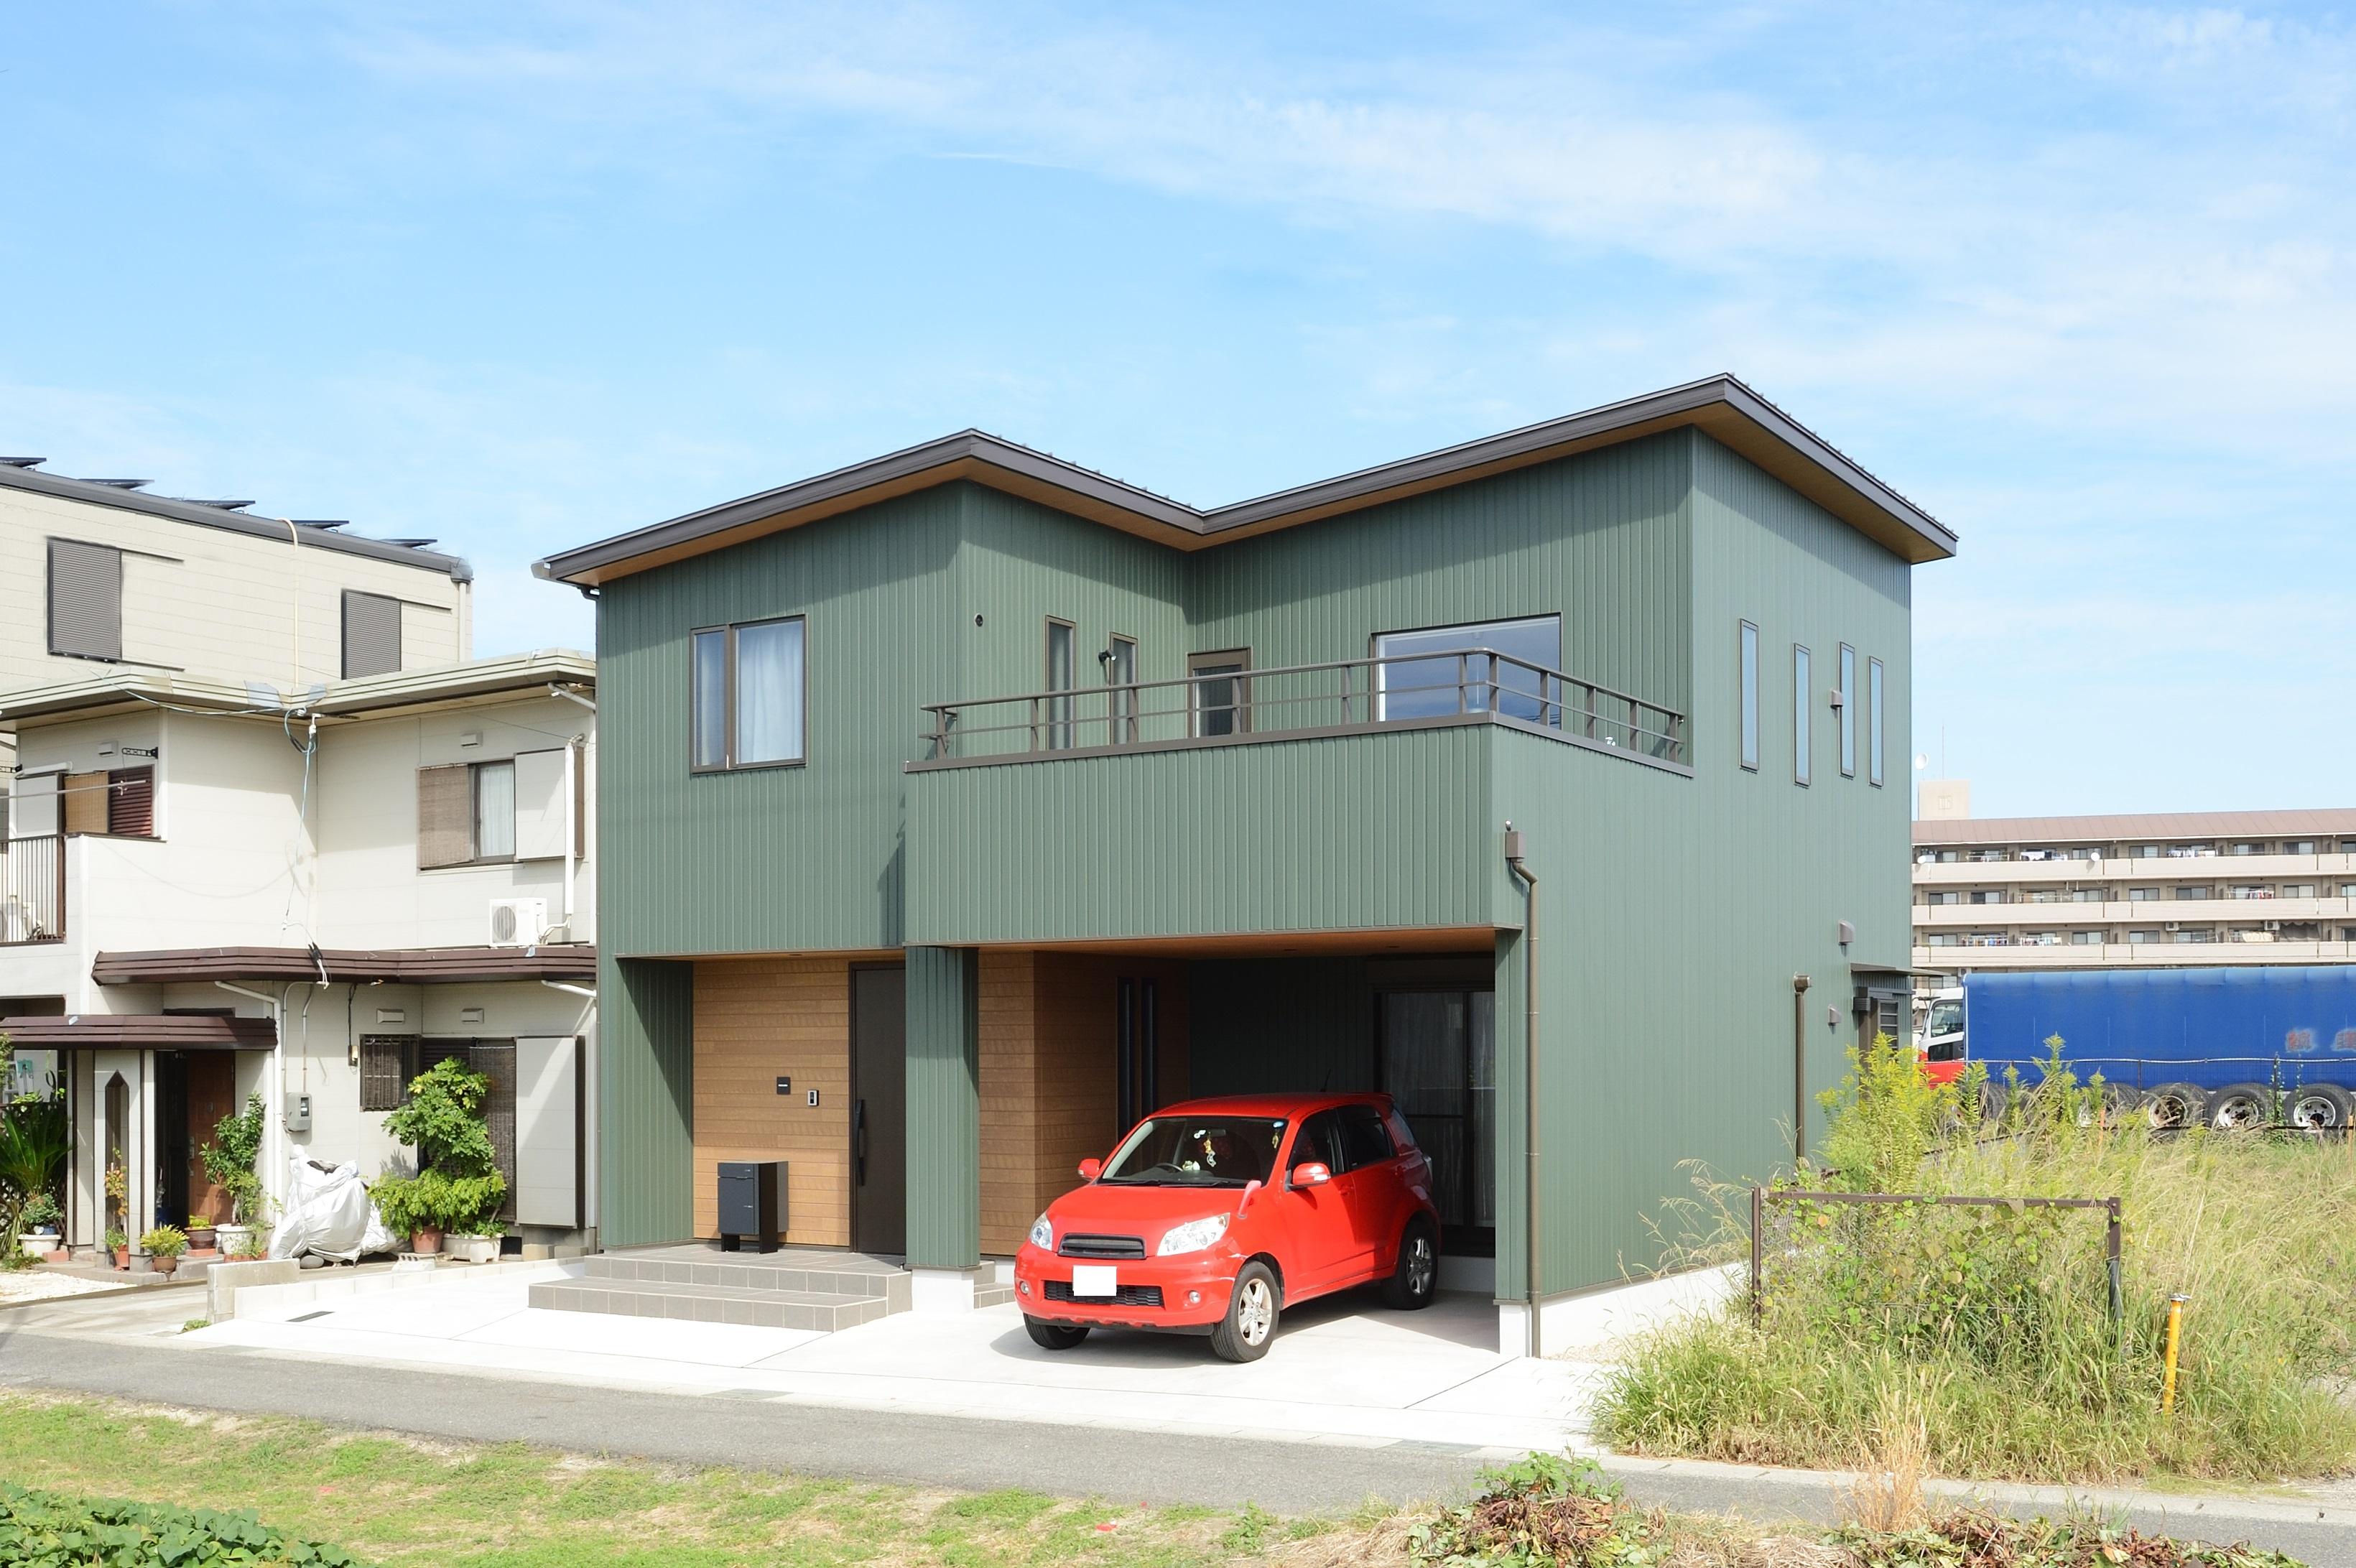 アルファホーム【デザイン住宅、子育て、インテリア】外装は緑色のガルバリウムで、車の色と風景を加味して決定。ガレージ上の二階にあるバルコニーでは、バーベキューが出来る